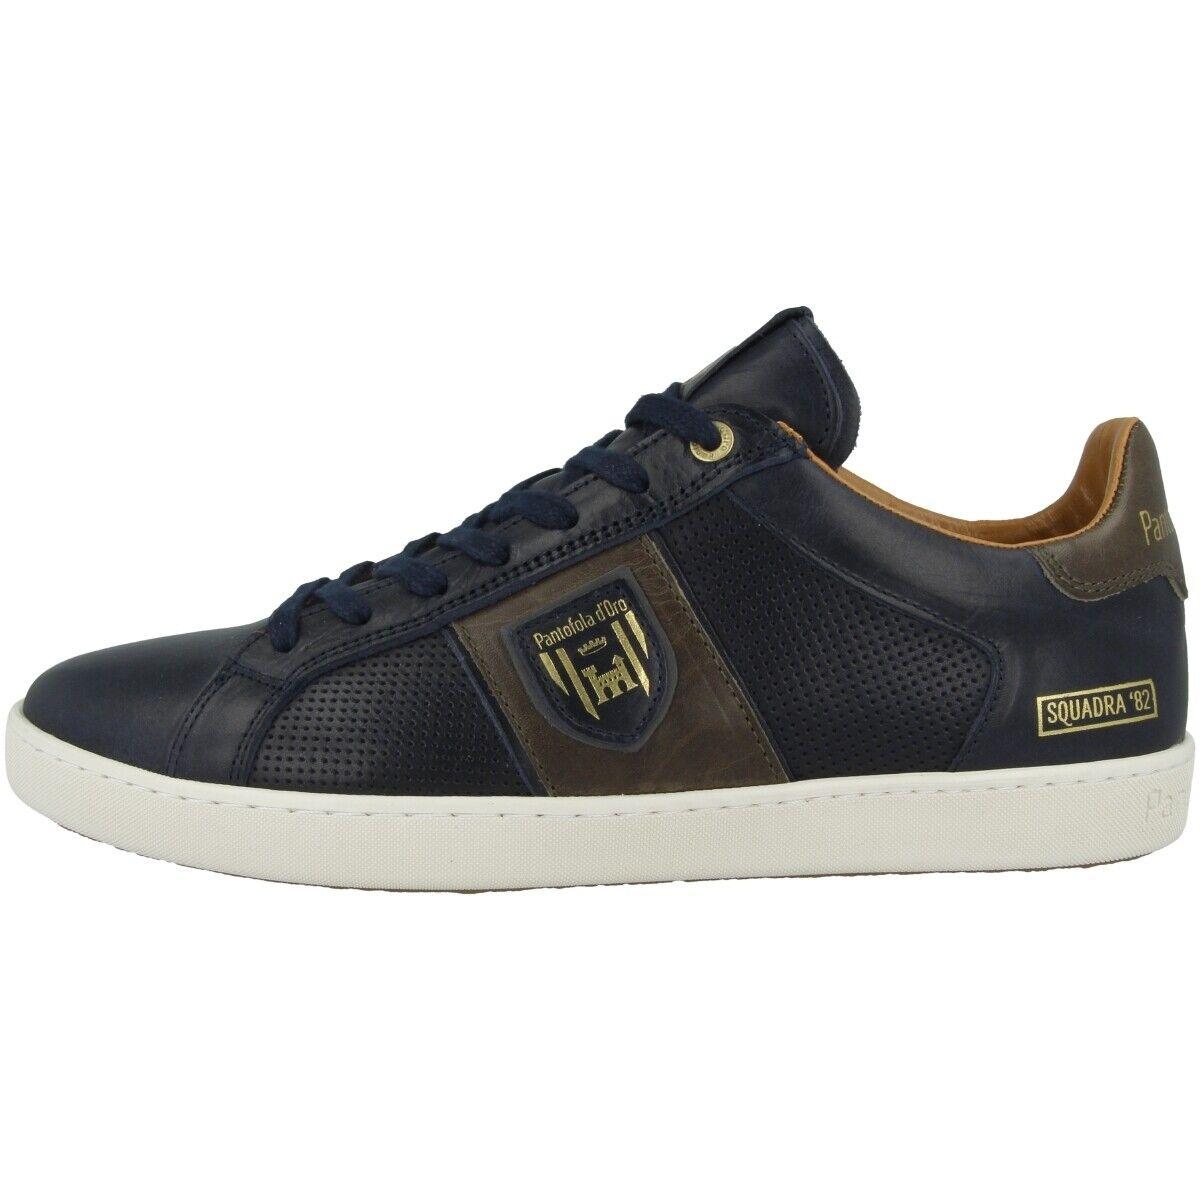 Pantofola D oro Sorrento hombres Low Zapatos Hombre Zapatilla Deportiva Retro Azul